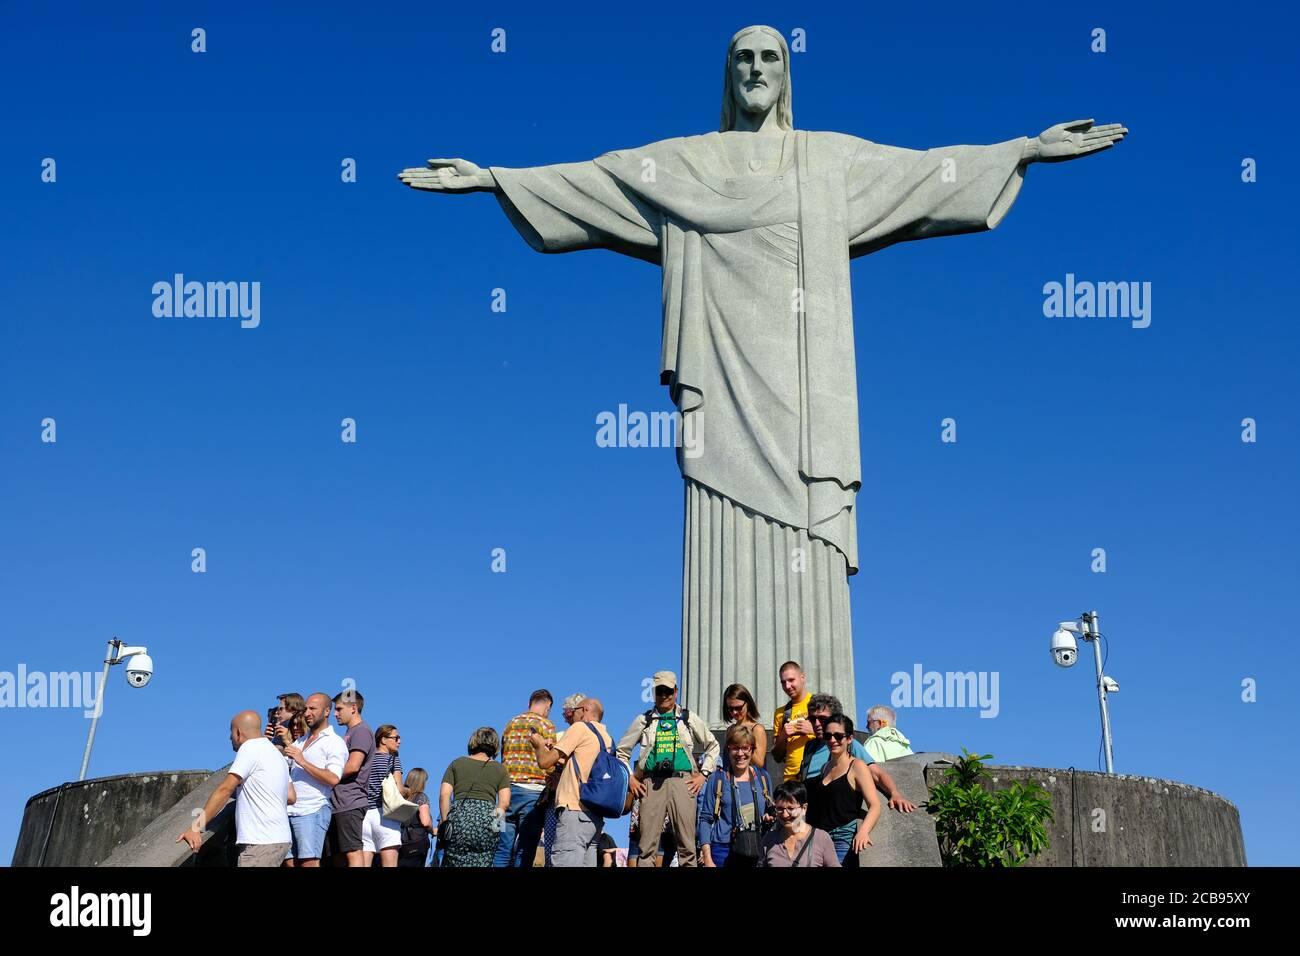 Brasilien Rio de Janeiro - Monte Corcovado mit Statue von Jesus Christus der Erlöser - Cristo Redentor Stockfoto